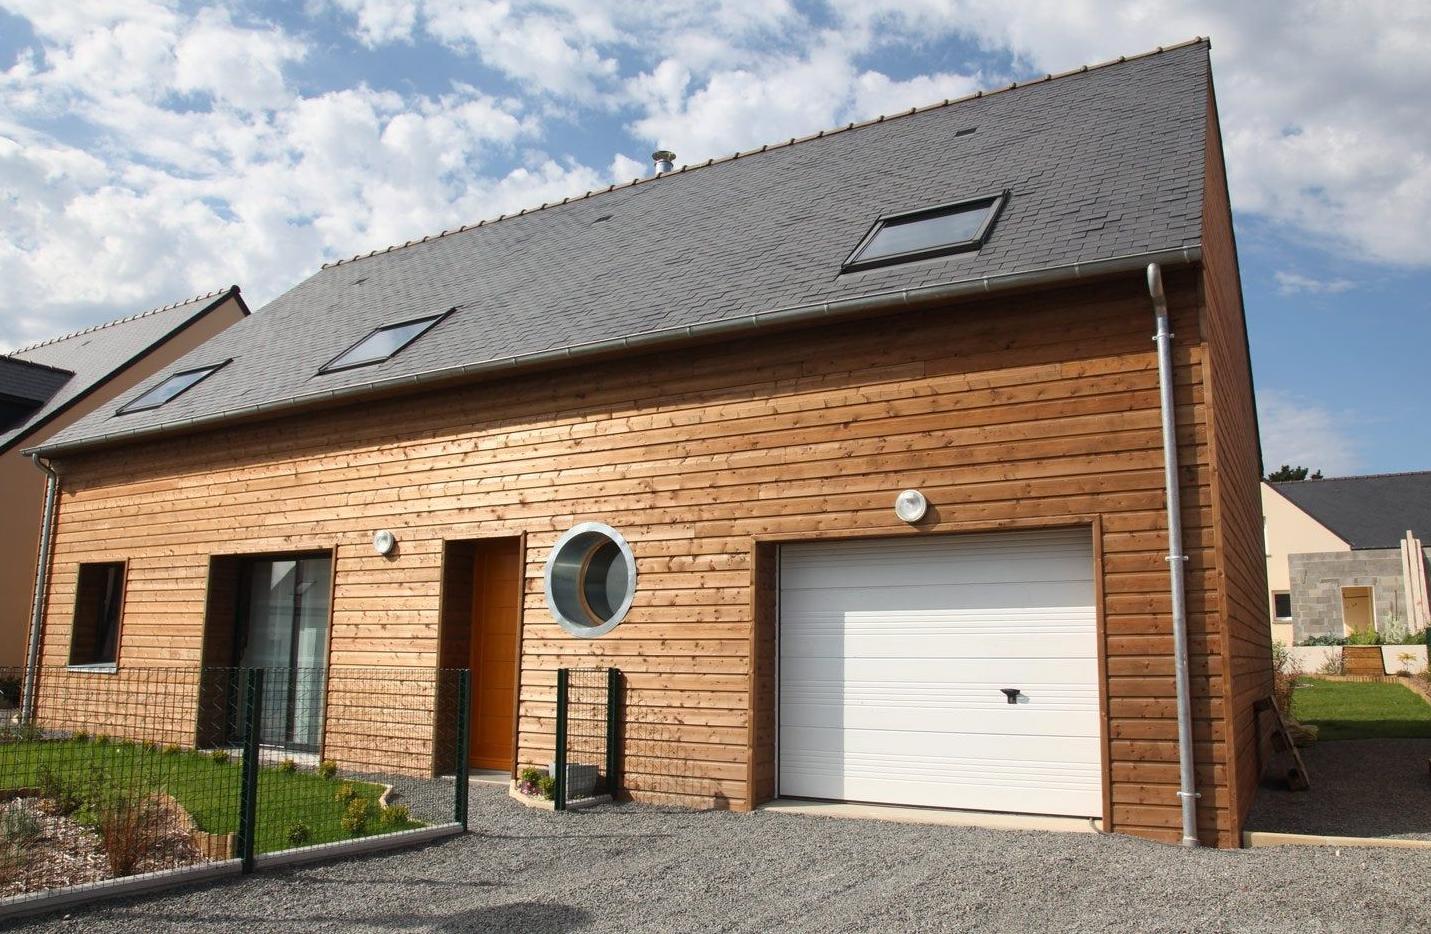 Comment Isoler Son Garage Moindre Cout comment faire une isolation des murs? types isolation, prix